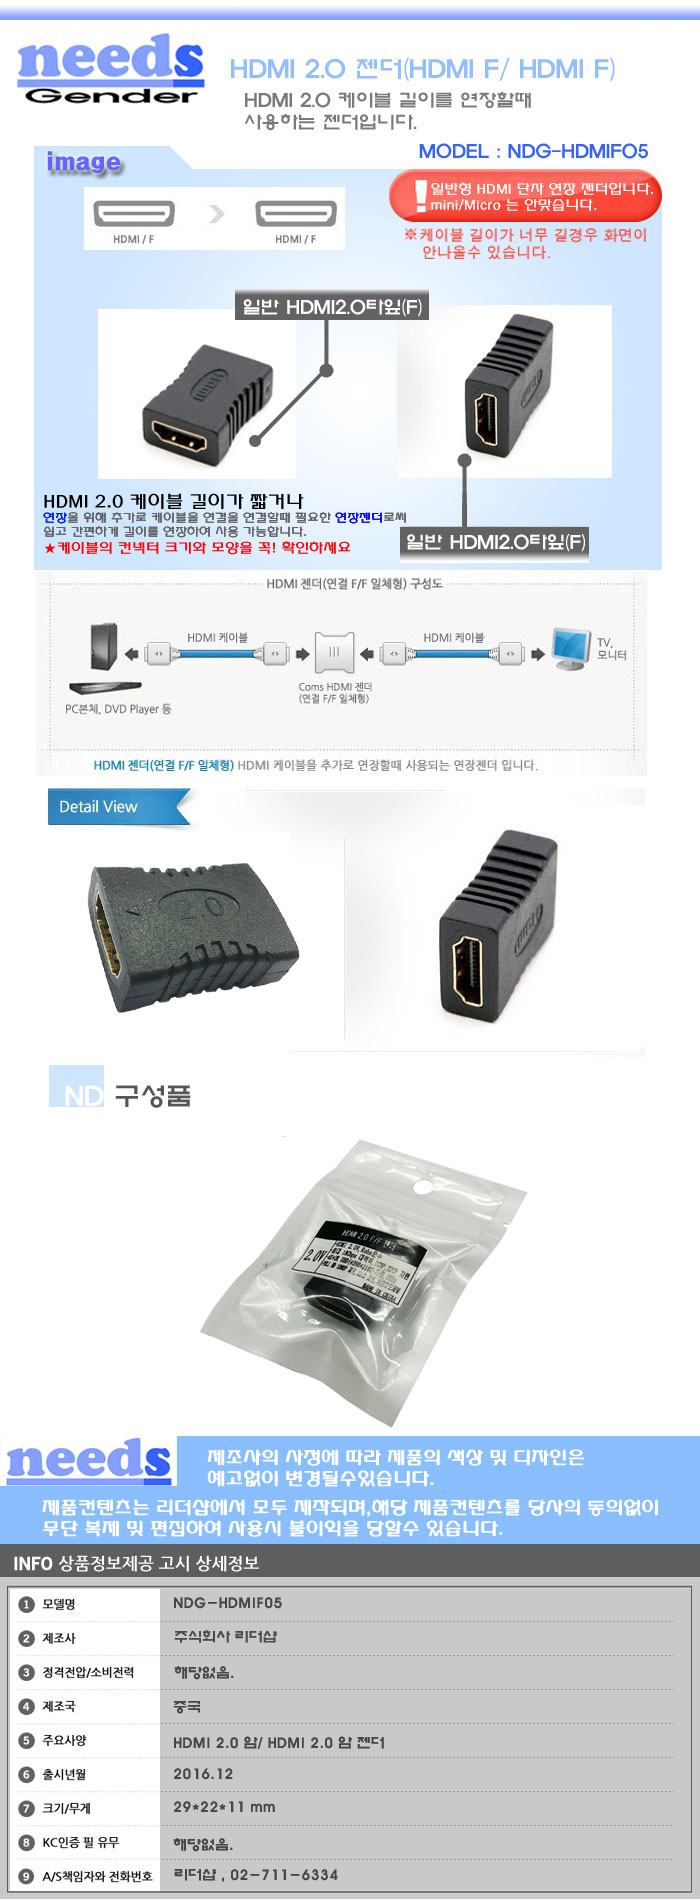 리더샵 NEEDS NDG-HDMIF05 HDMI v2.0 연장 젠더